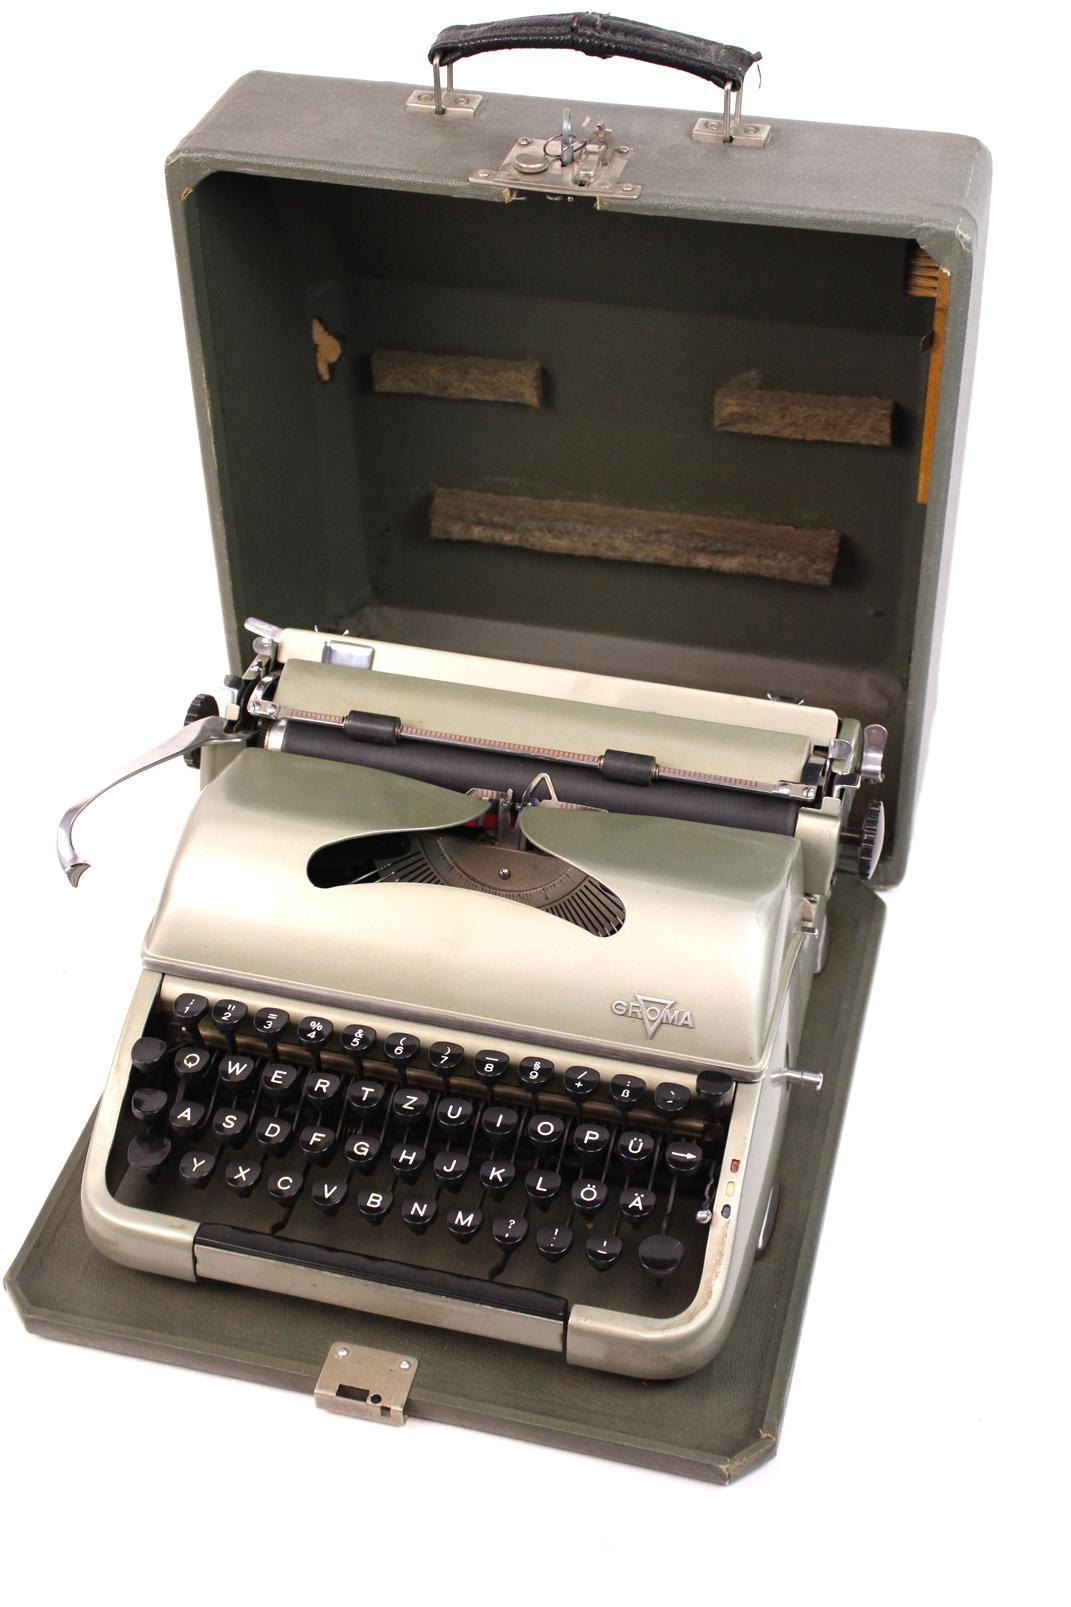 groma reise schreibmaschine khaki metallik ddr typewriter um1950 vintage. Black Bedroom Furniture Sets. Home Design Ideas